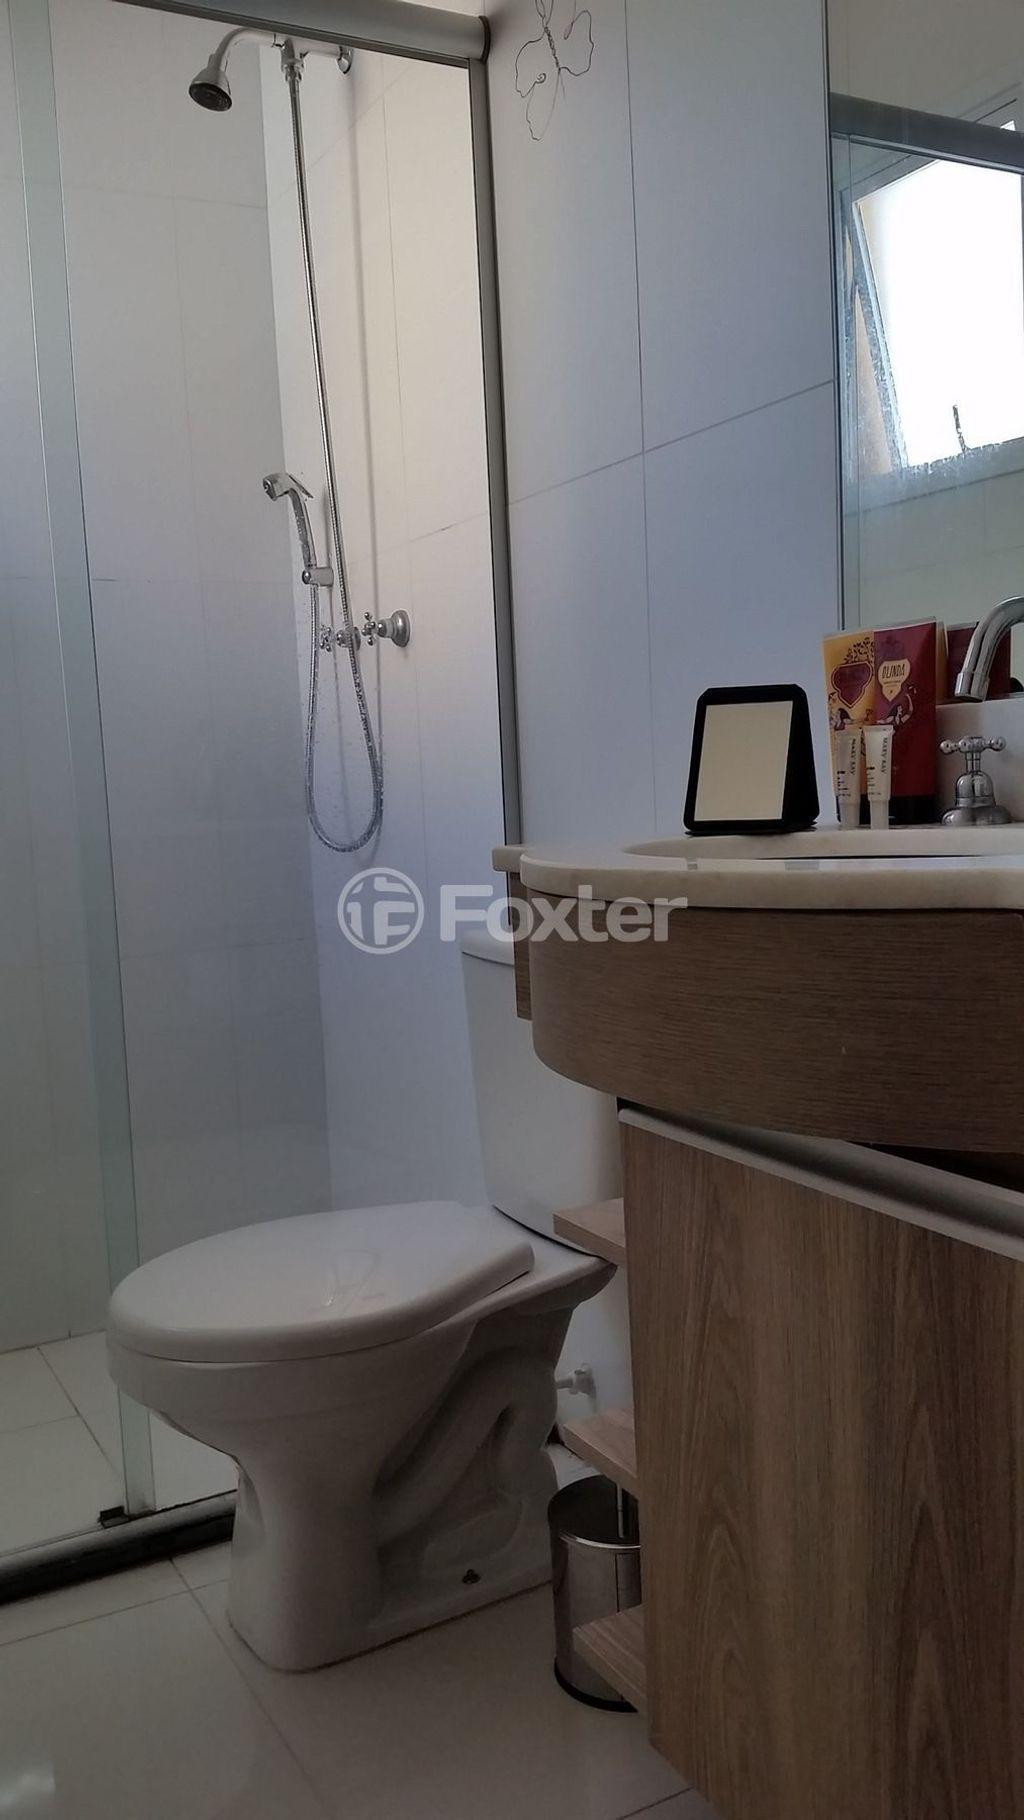 Foxter Imobiliária - Casa 3 Dorm, Olaria, Canoas - Foto 22